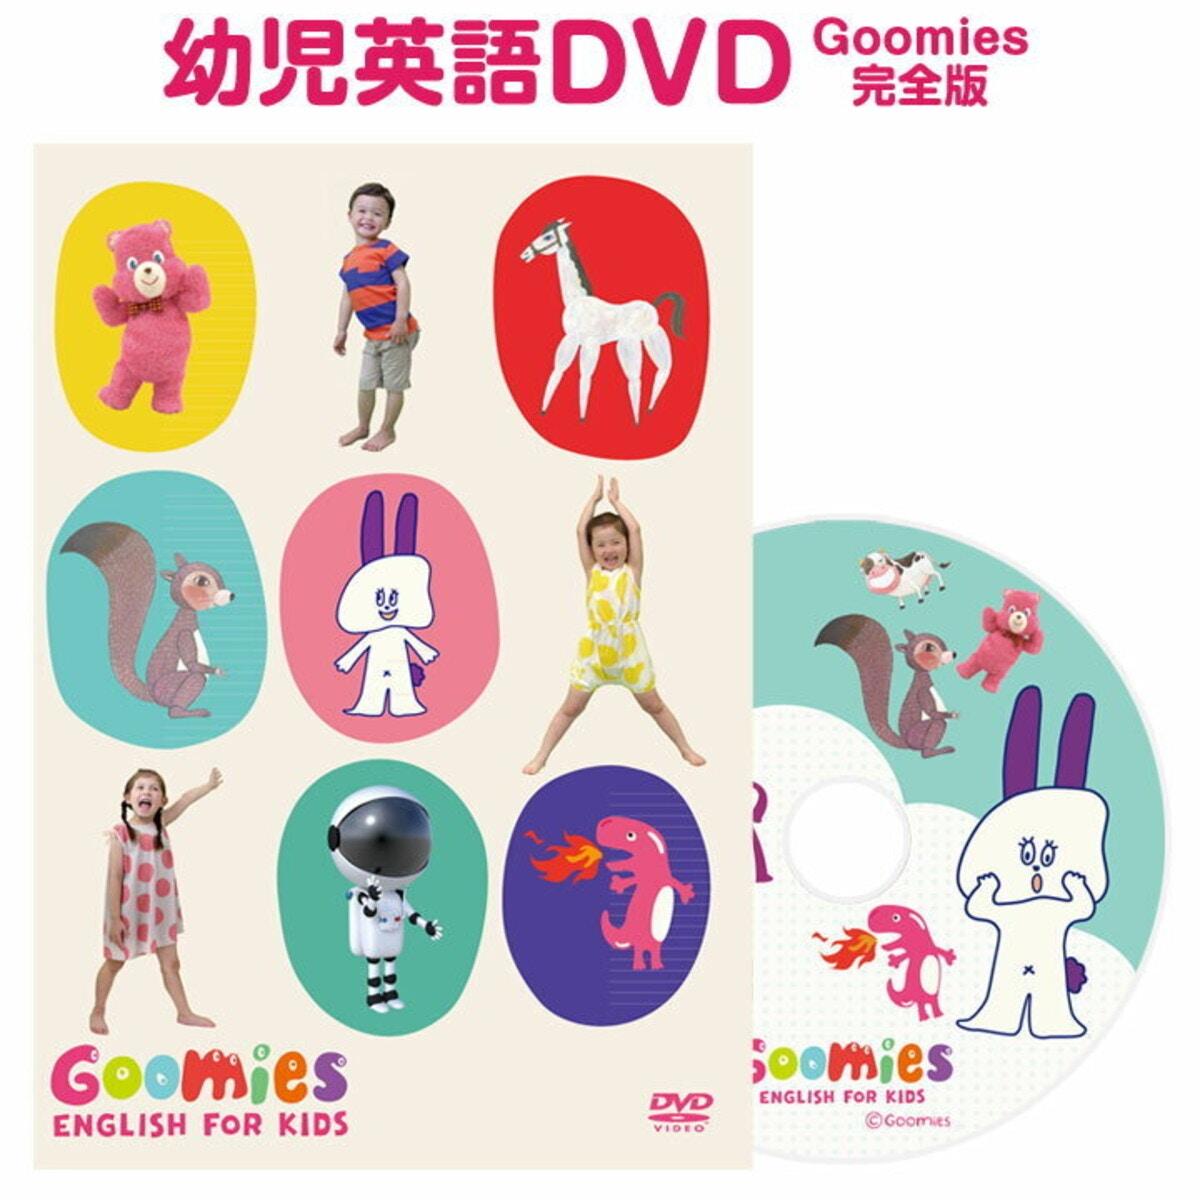 「幼児英語 DVD Goomies (グーミーズ) English for Kids」